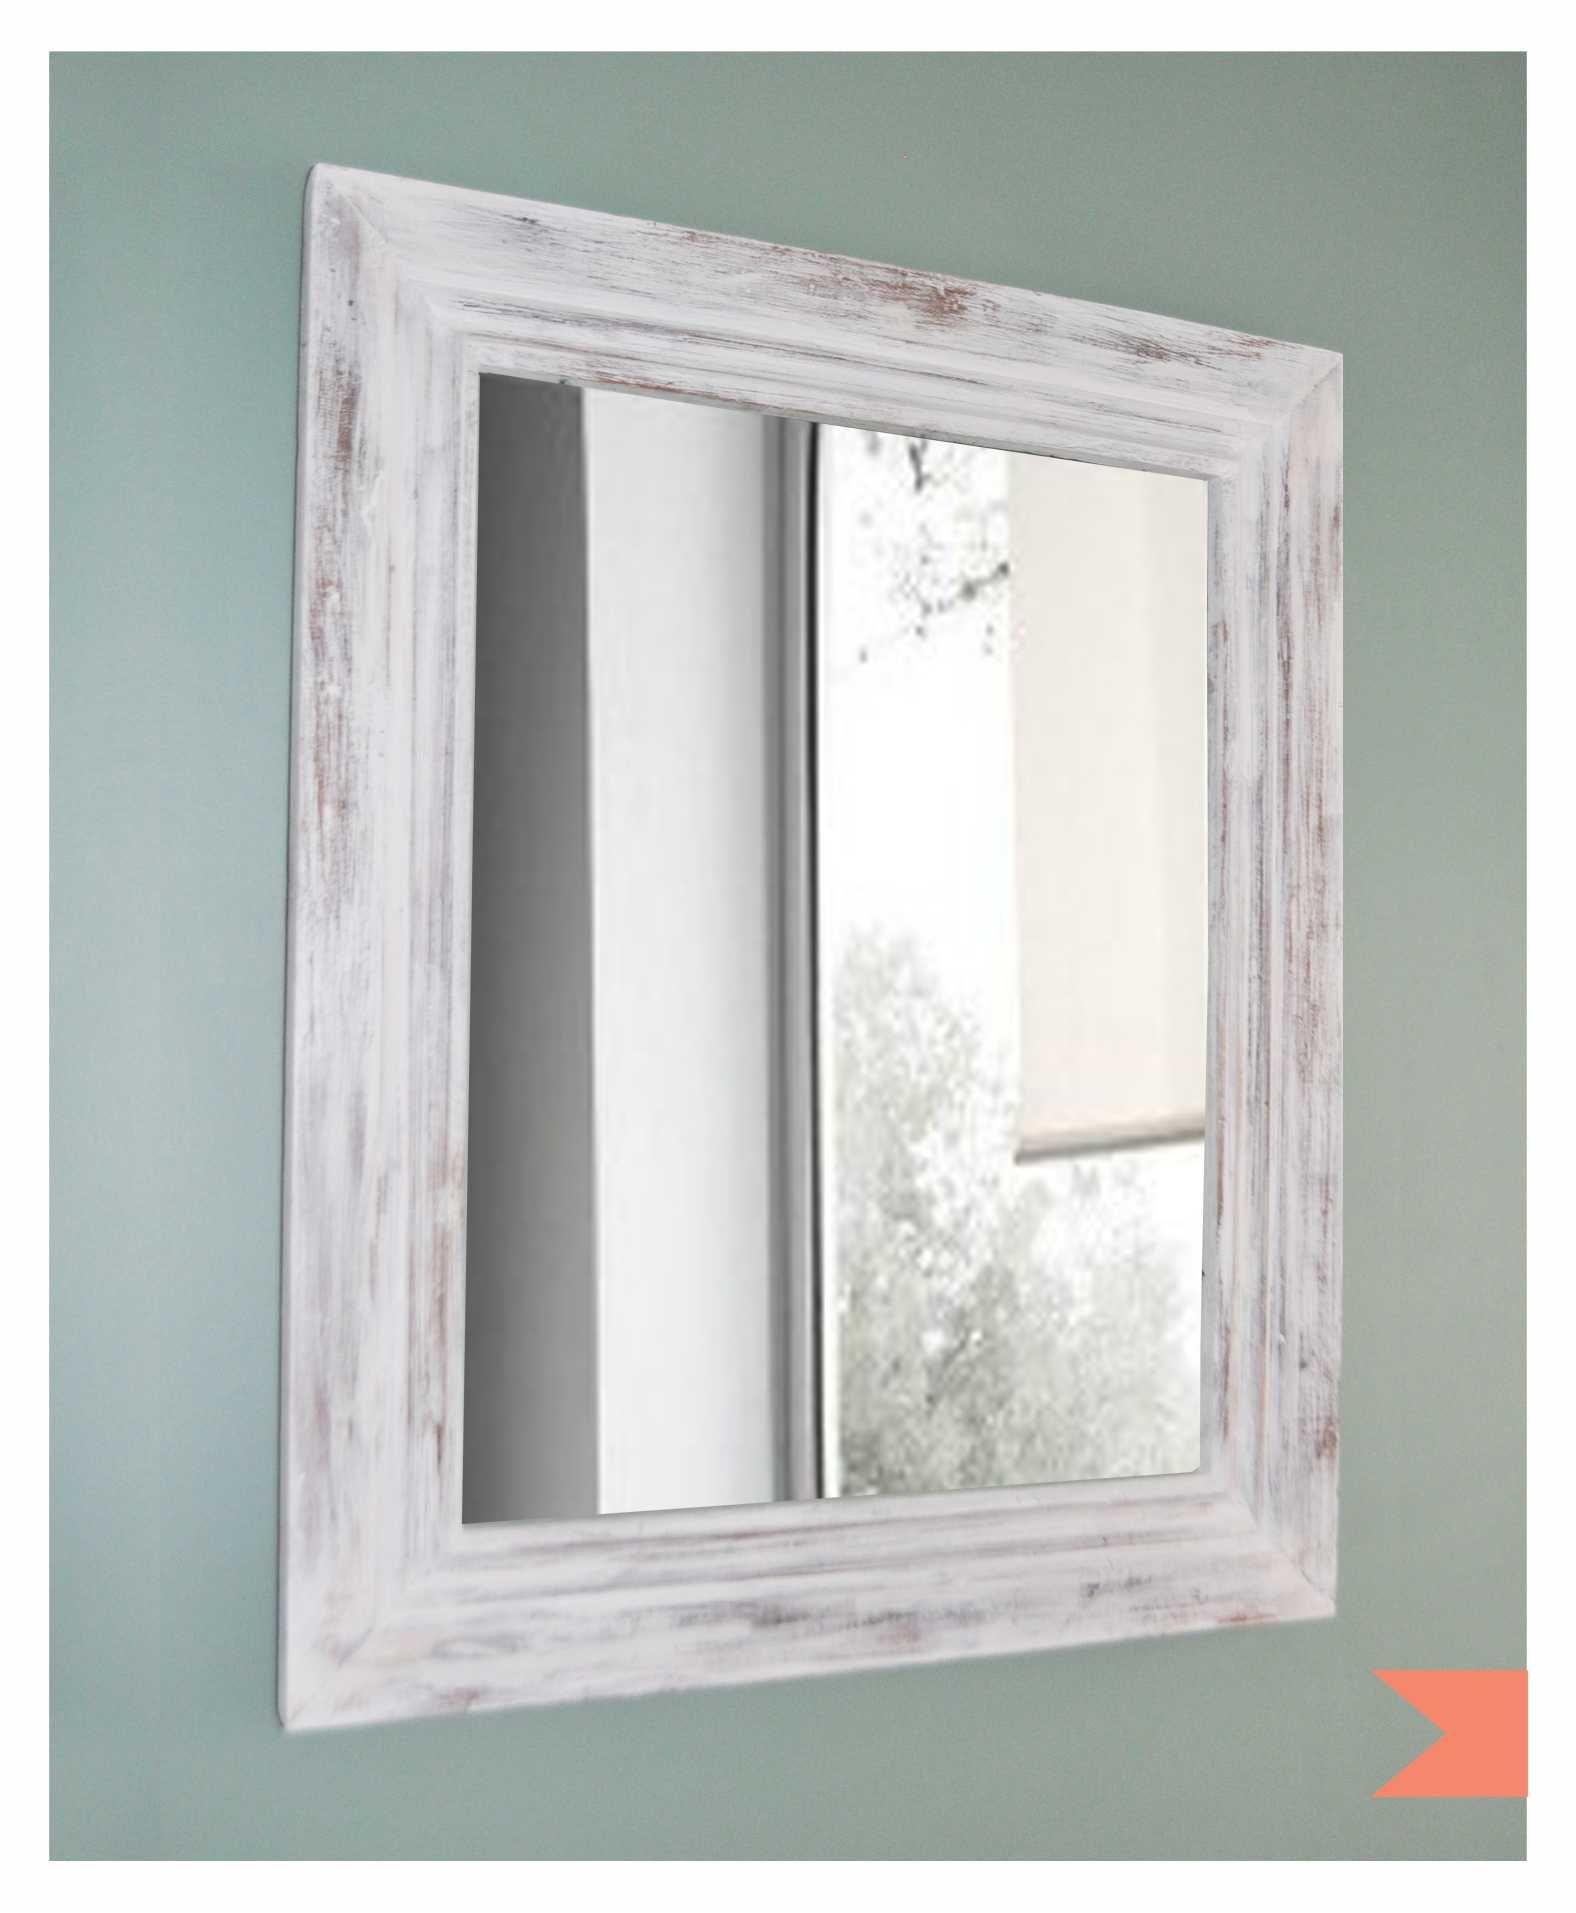 marco patinado envejecido de madera con espejo 400 en